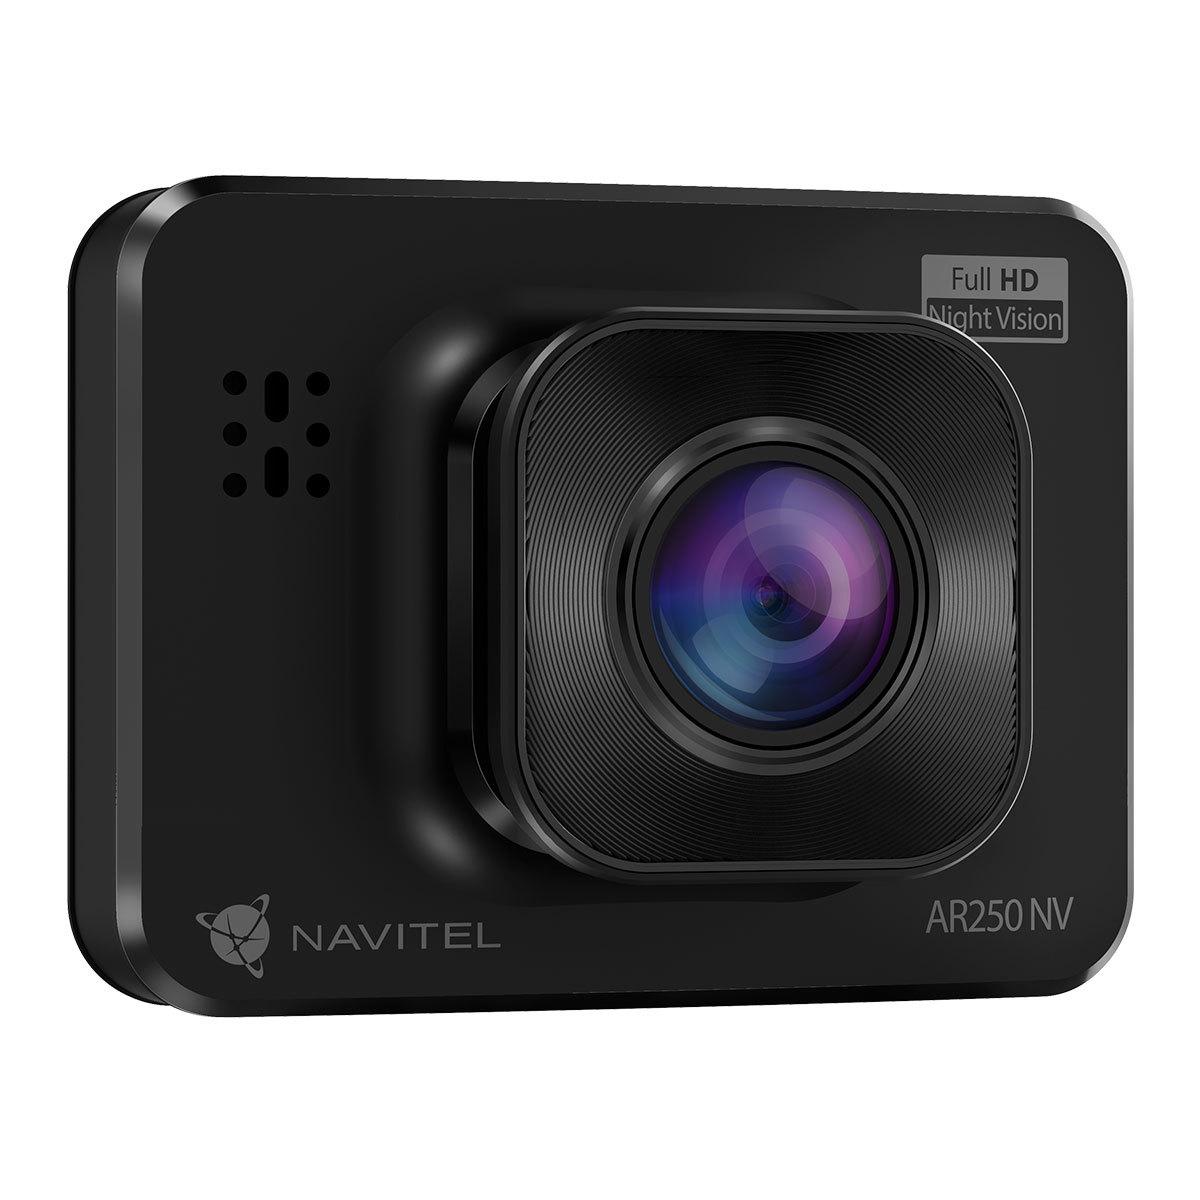 Navitel zaprezentował nowe urządzenie – wideorejestrator AR250 NV.  To już ósmy model w regularnej ofercie, który wyposażono w zaawansowany sensor optyczny z obsługą night vision.  Fot. Navitel